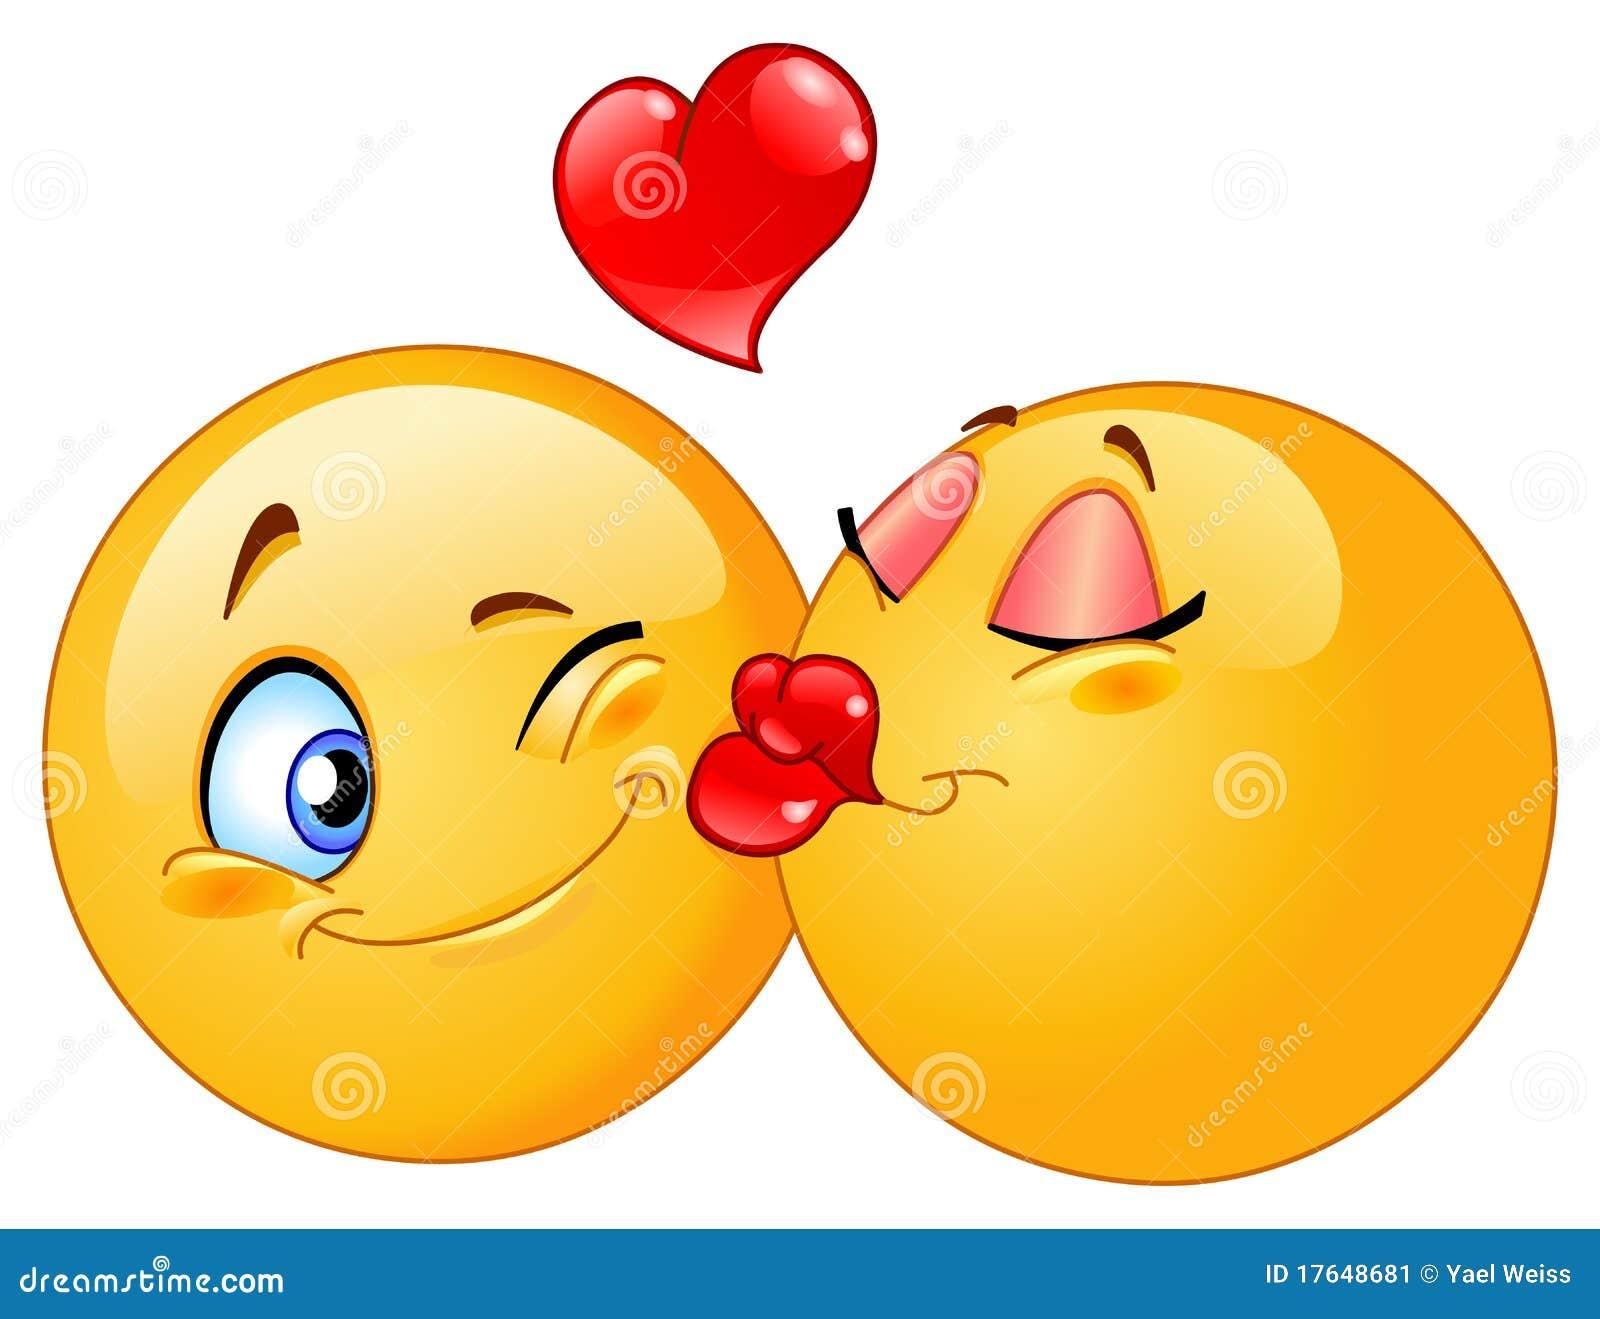 Karikaturauslegung der küssenden emoticons